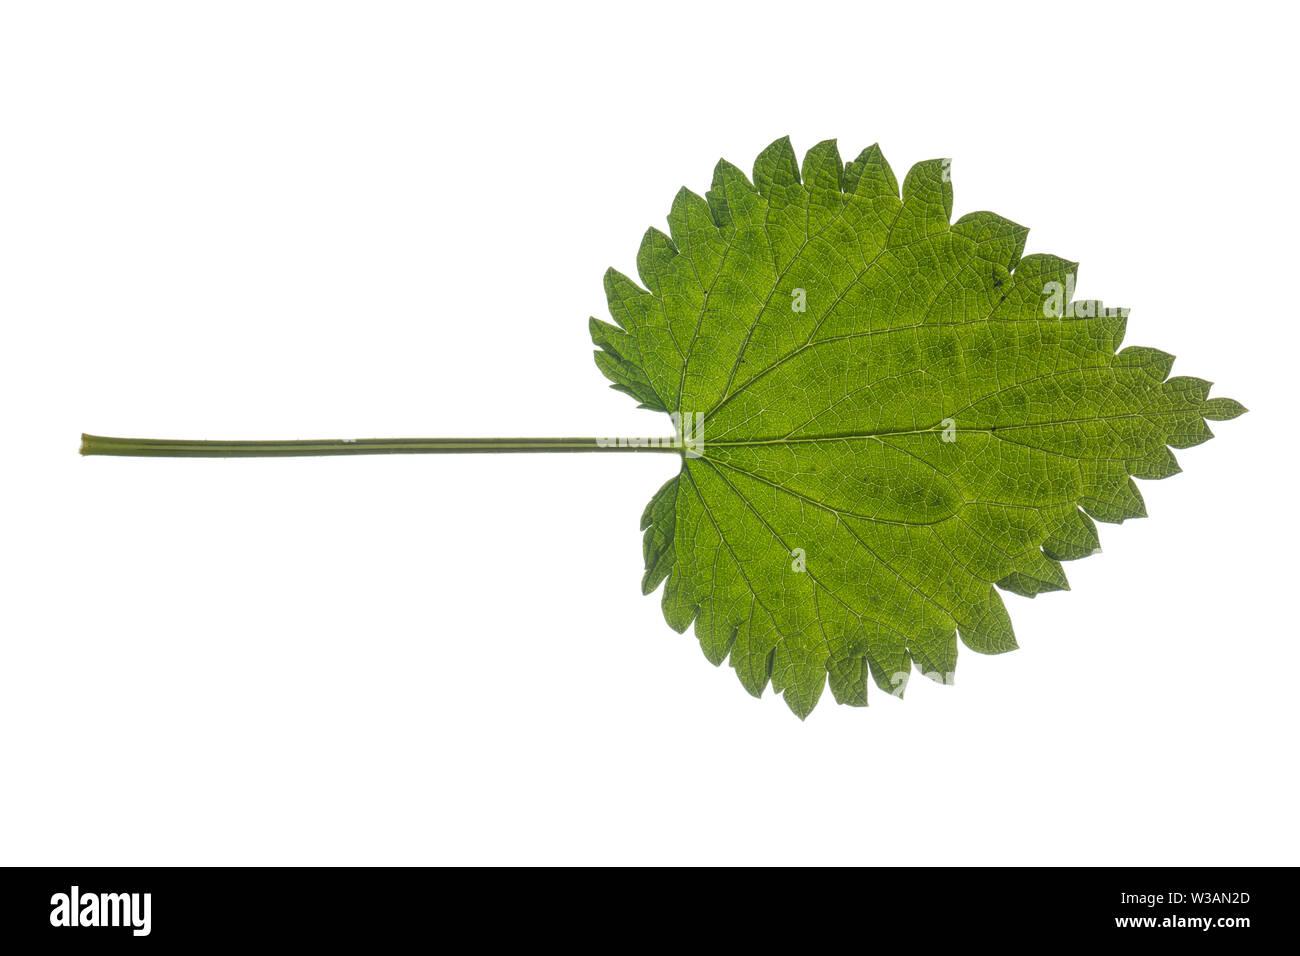 Brennnessel, Große Brennnessel, Brennessel, Urtica dioica, Stinging Nettle, common nettle, nettle, nettle leaf, La grande ortie, ortie dioïque, ortie - Stock Image